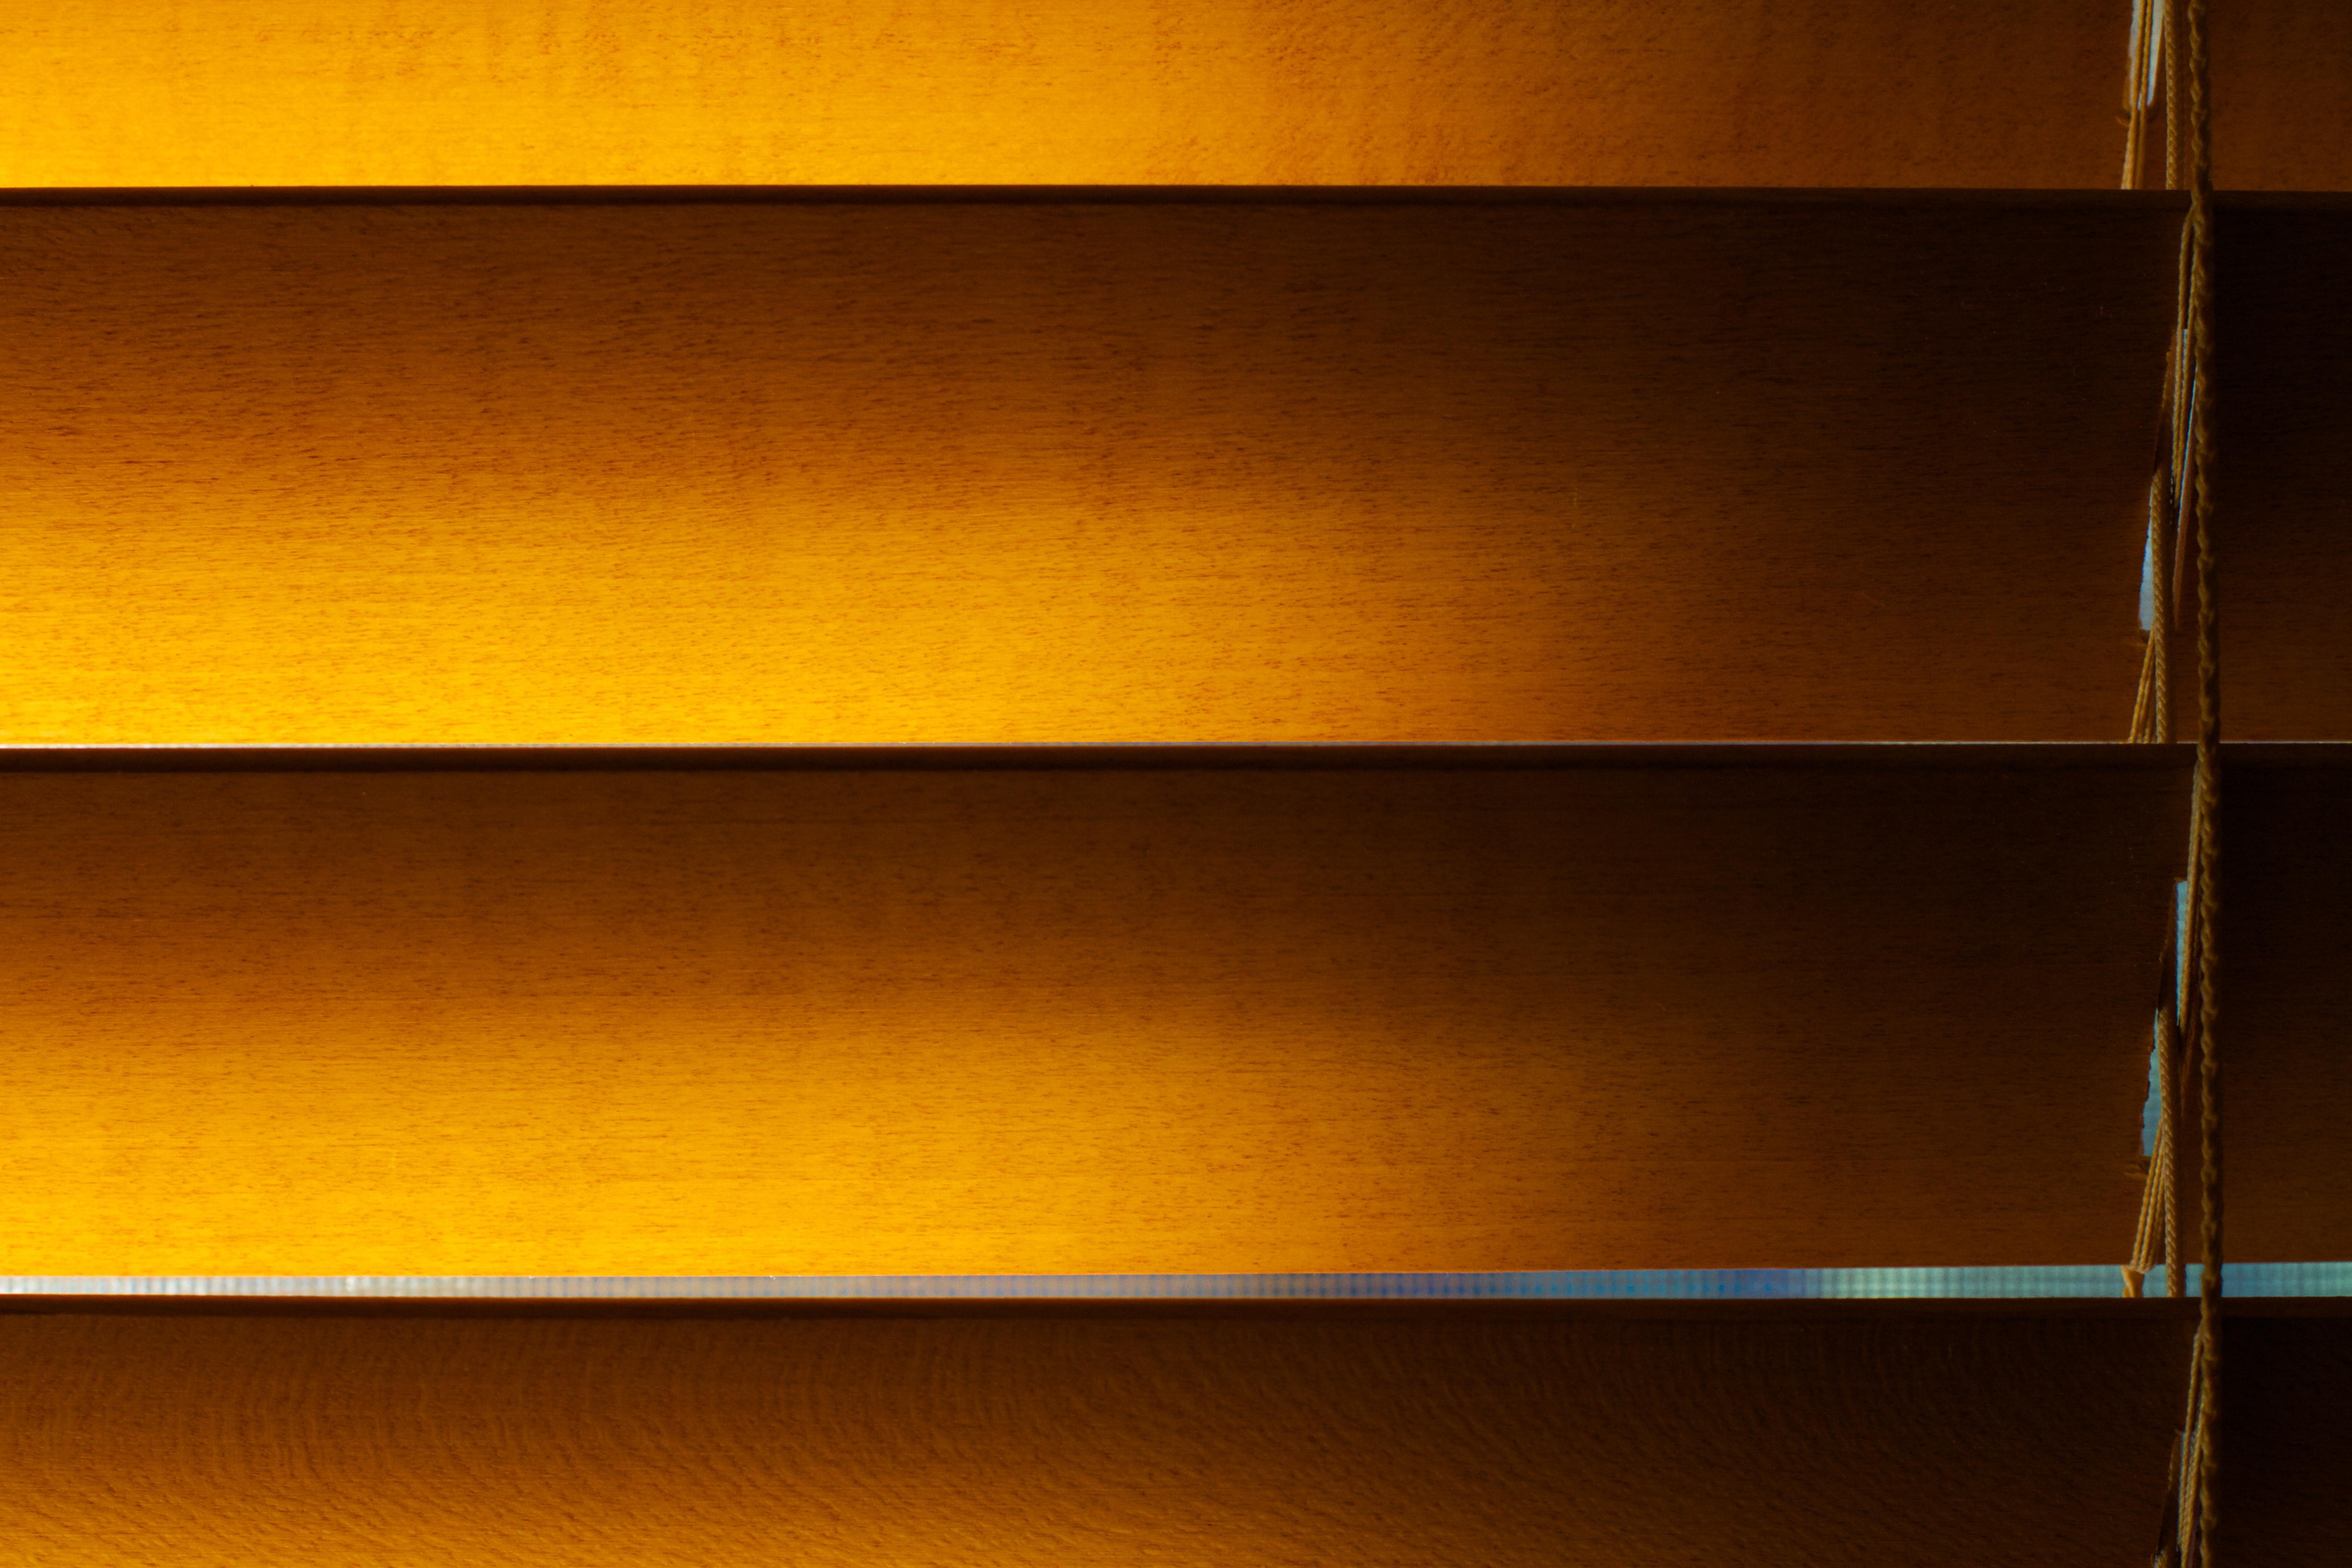 Plank Muur Blind.Gratis Afbeeldingen Licht Hout Verdieping Muur Plafond Lijn